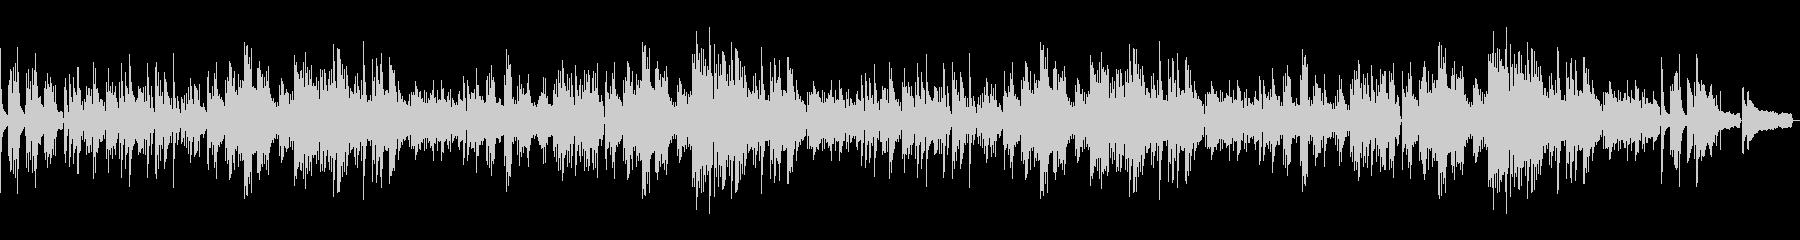 ピアノでオシャレに 別れの曲・ショパン2の未再生の波形